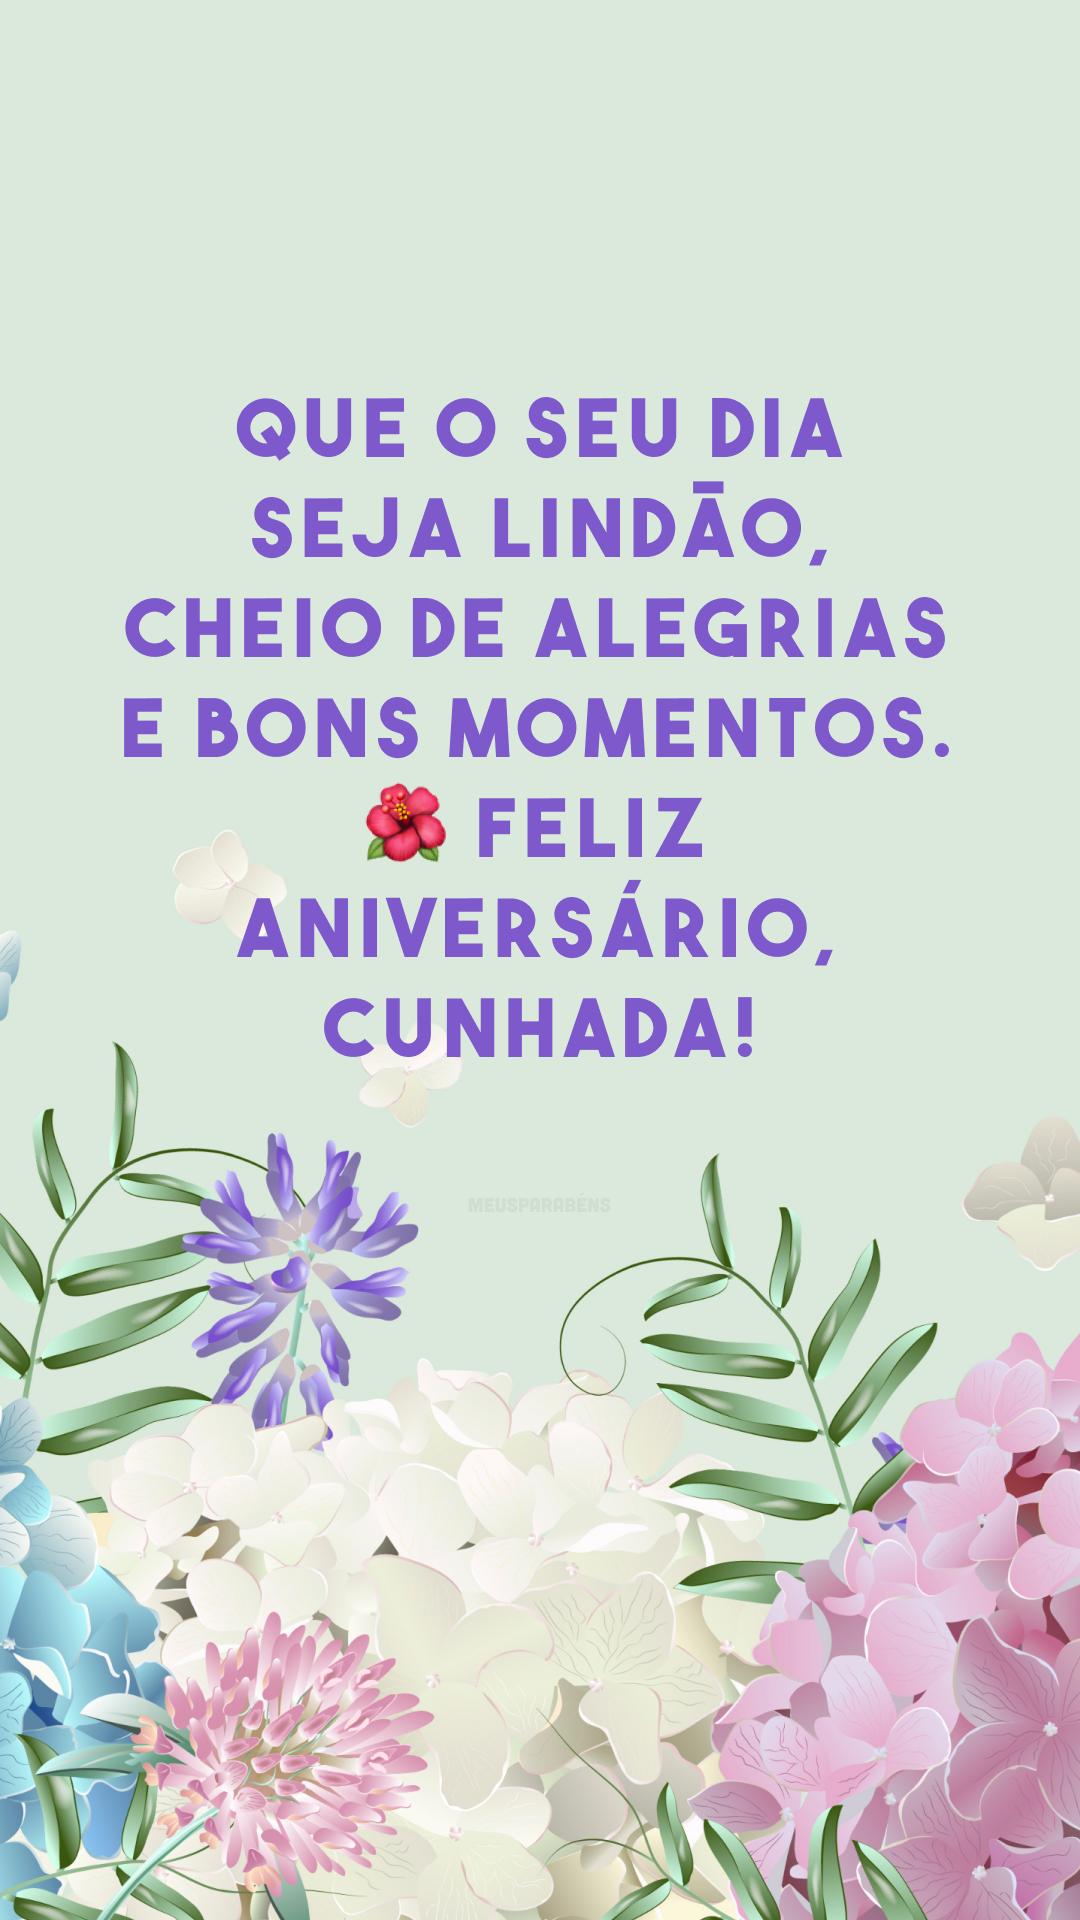 Que o seu dia seja lindão, cheio de alegrias e bons momentos. 🌺 Feliz aniversário, cunhada!